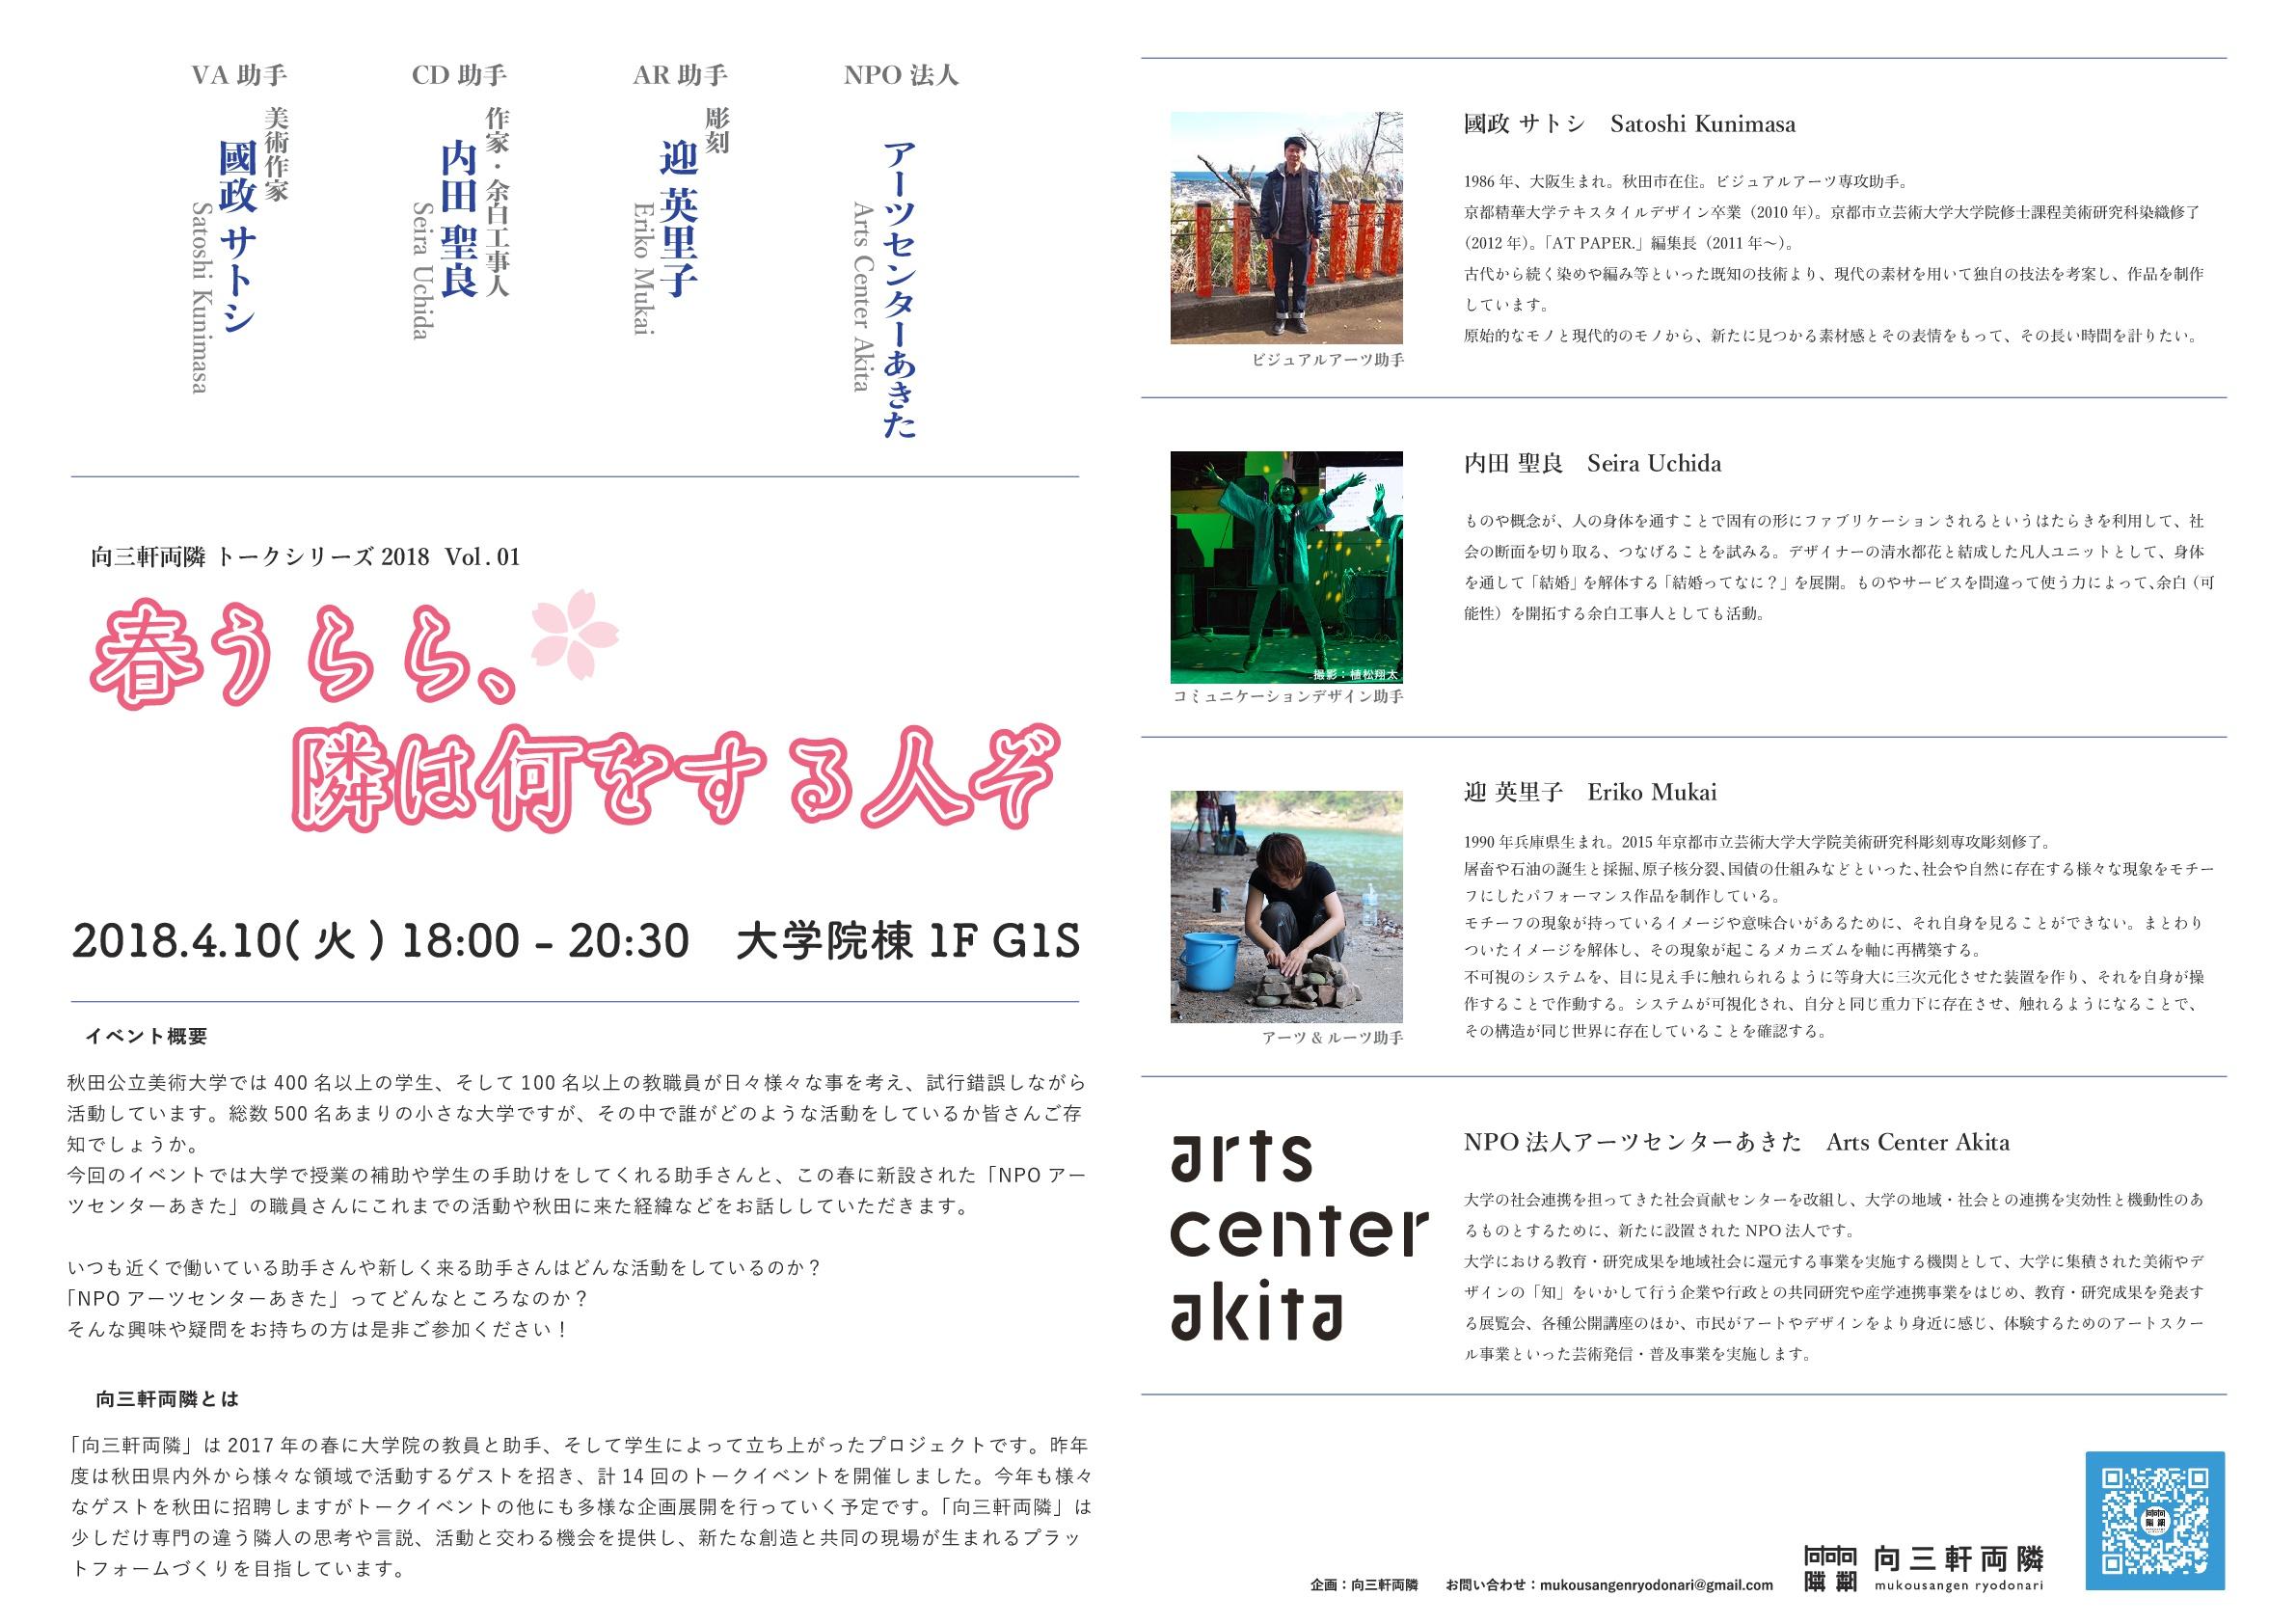 向三軒両隣 トークシリーズ2018 Vol.01